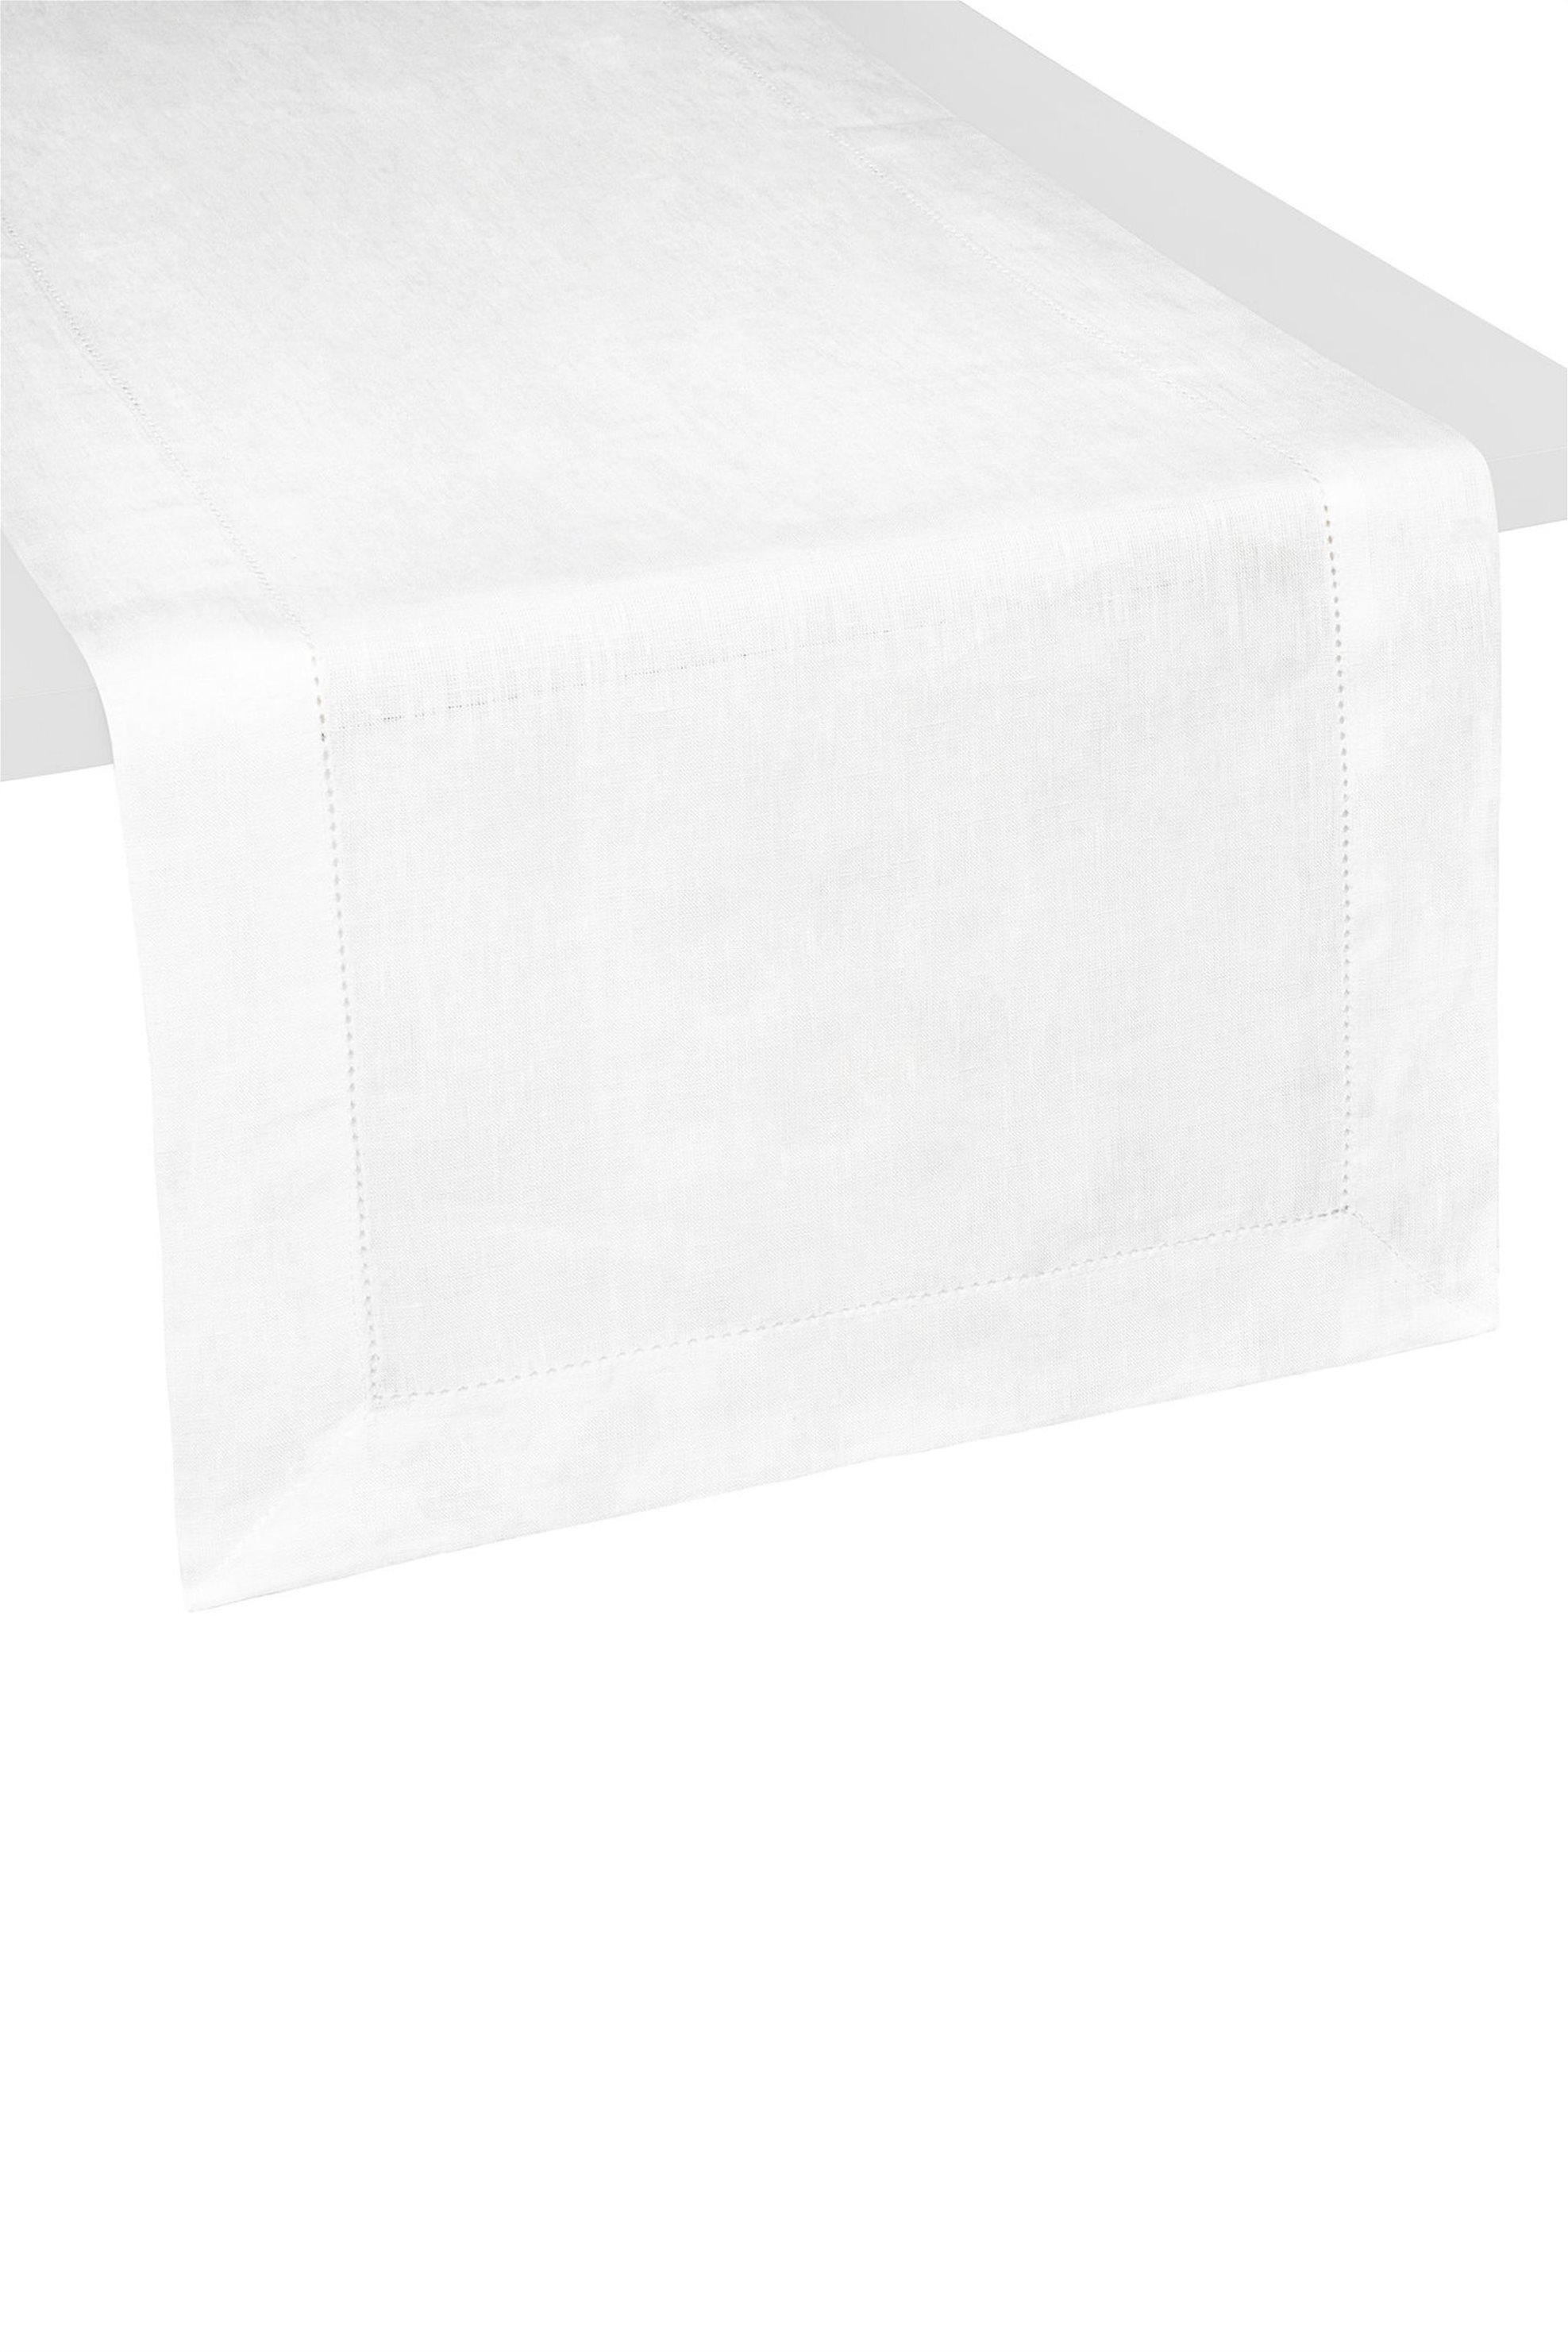 Ράνερ λευκό 40 χ160 cm Coincasa - 000495293 - Λευκό home   κουζινα   τραβέρσες   ράνερ